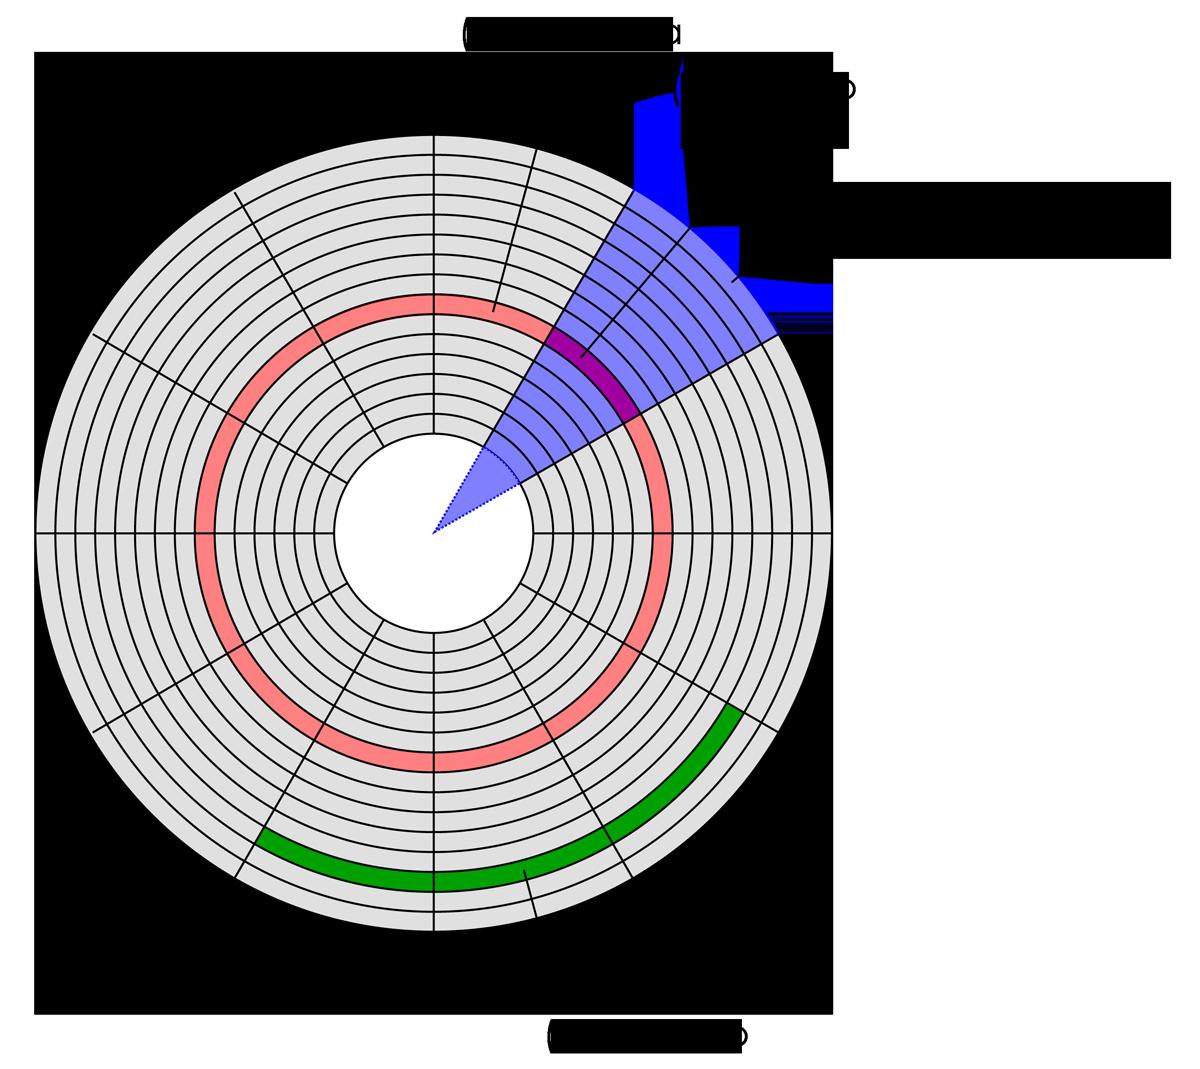 Рис. 5. Структура жесткого диска: 1 – дорожка, 2 – сектор дорожки, 3 – геометрический сектор, 4 – кластер